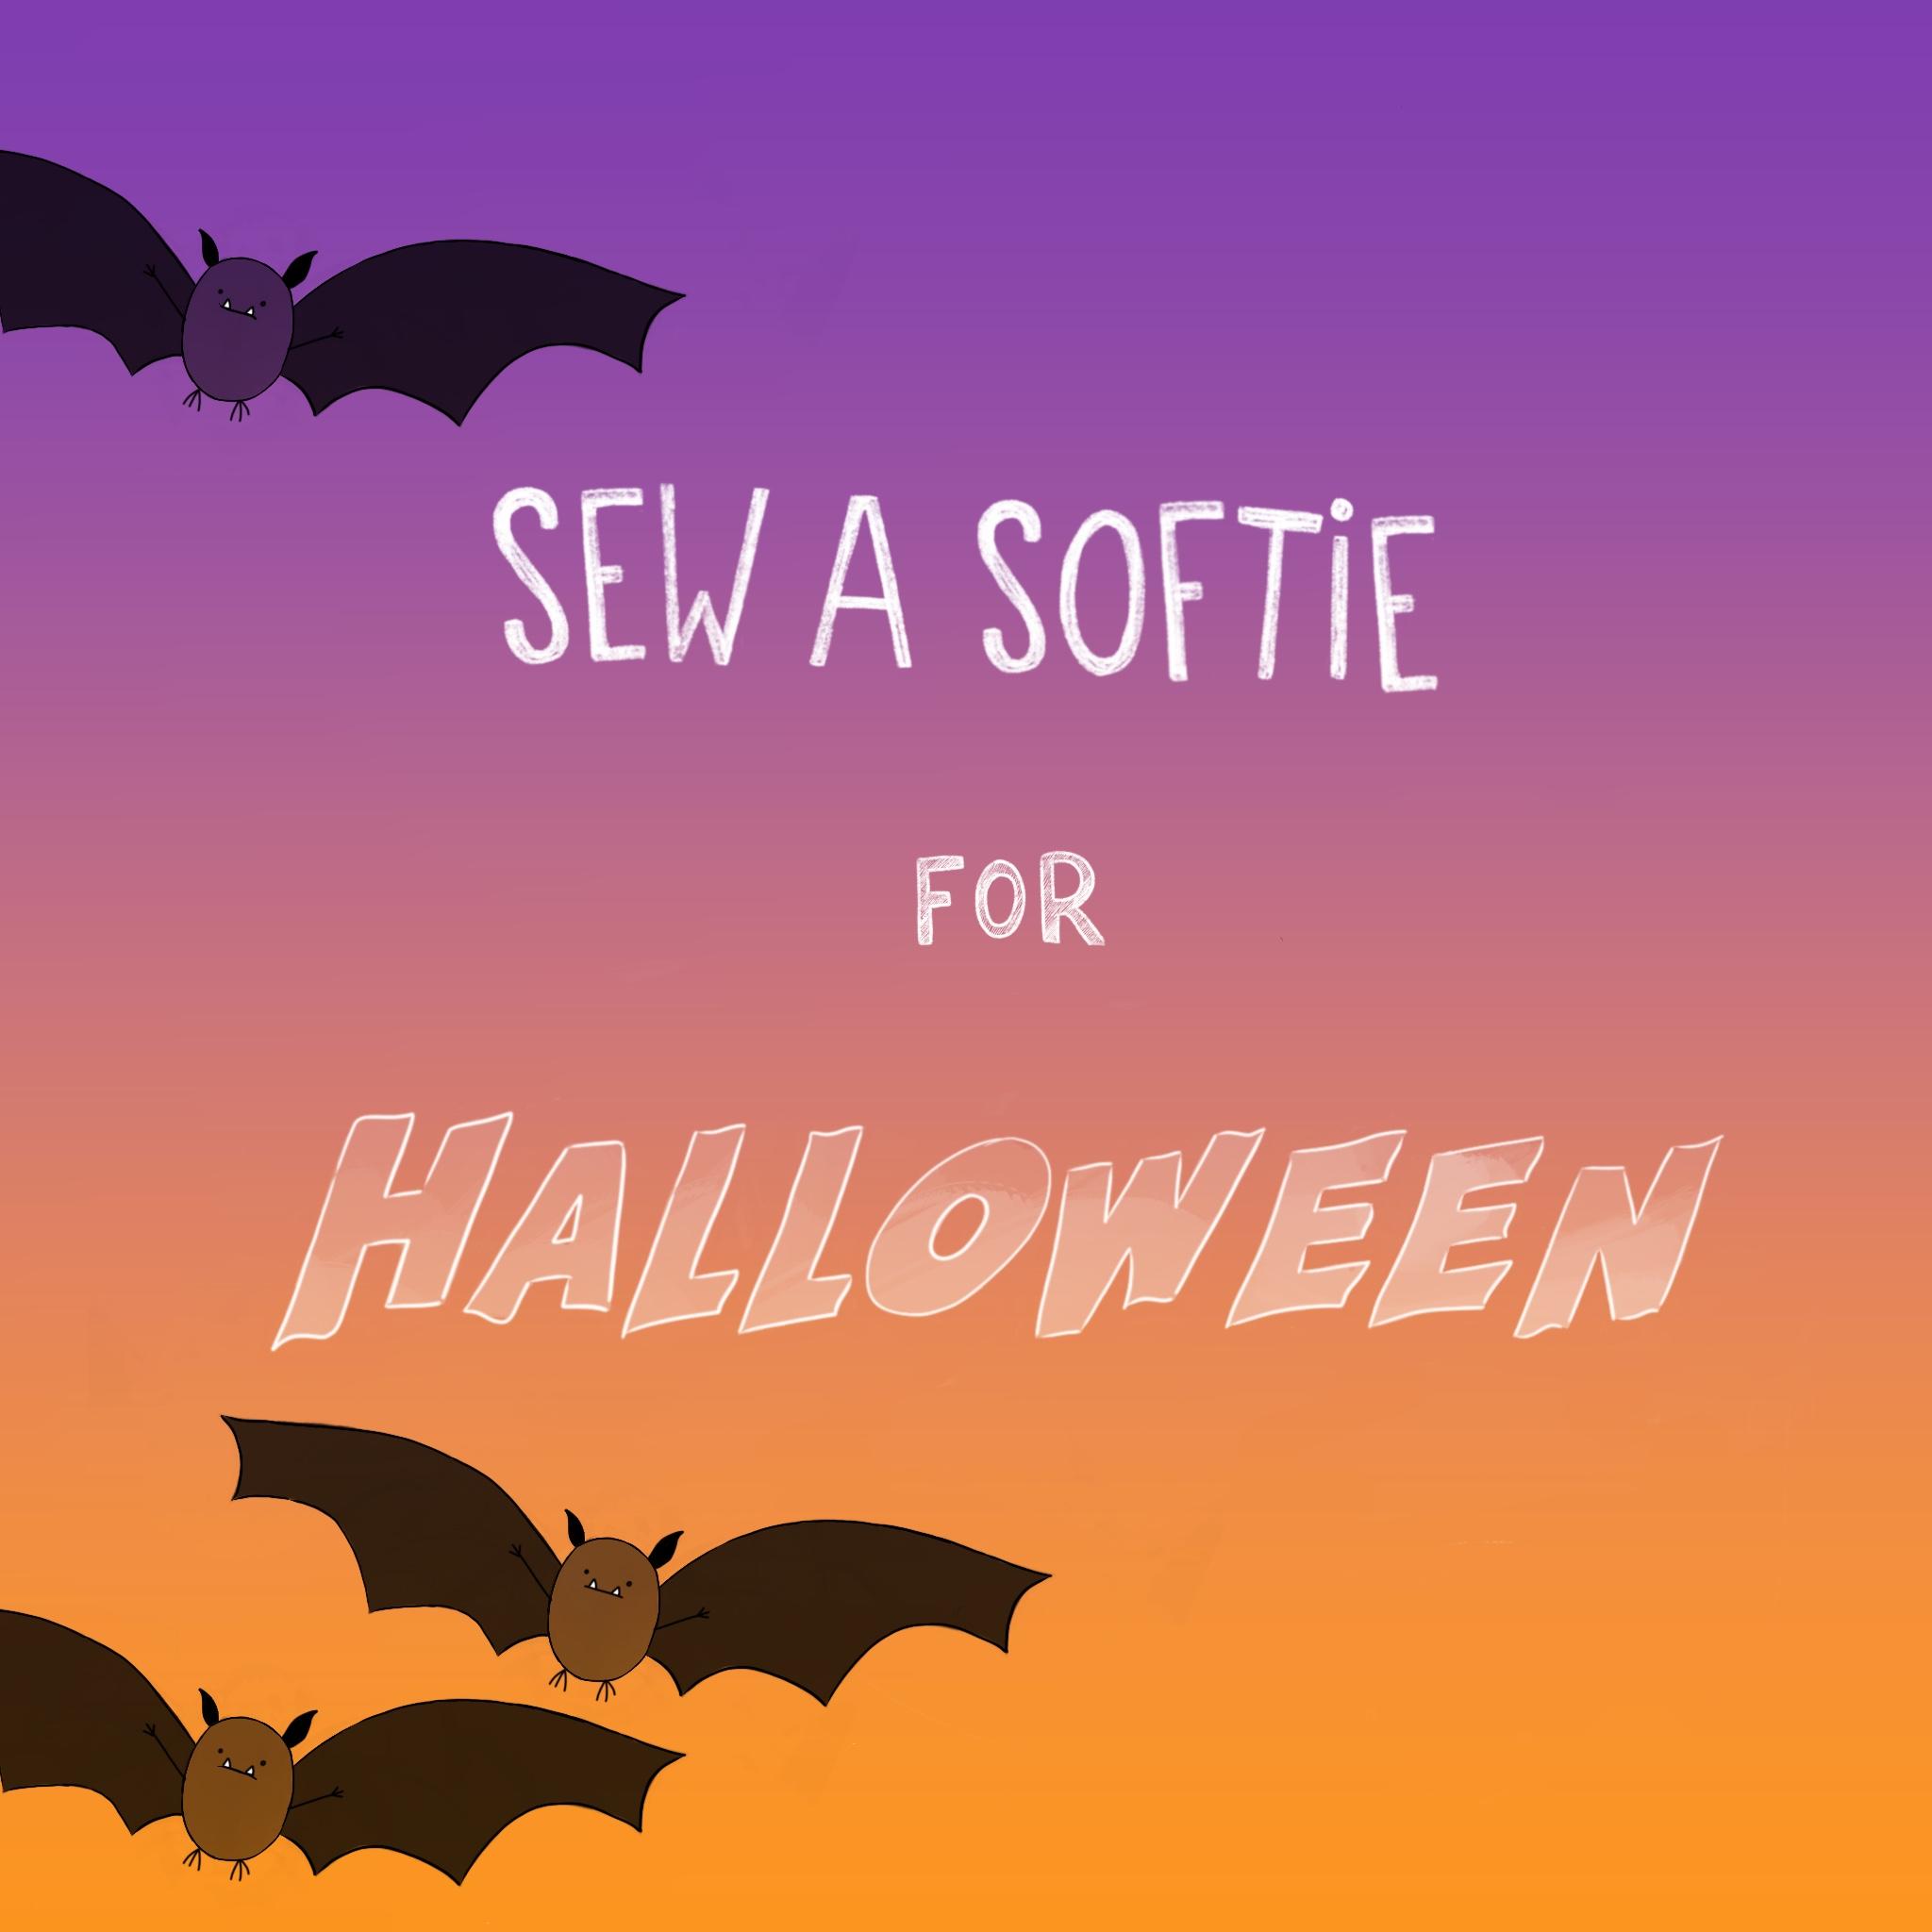 Sew a softie Halloween